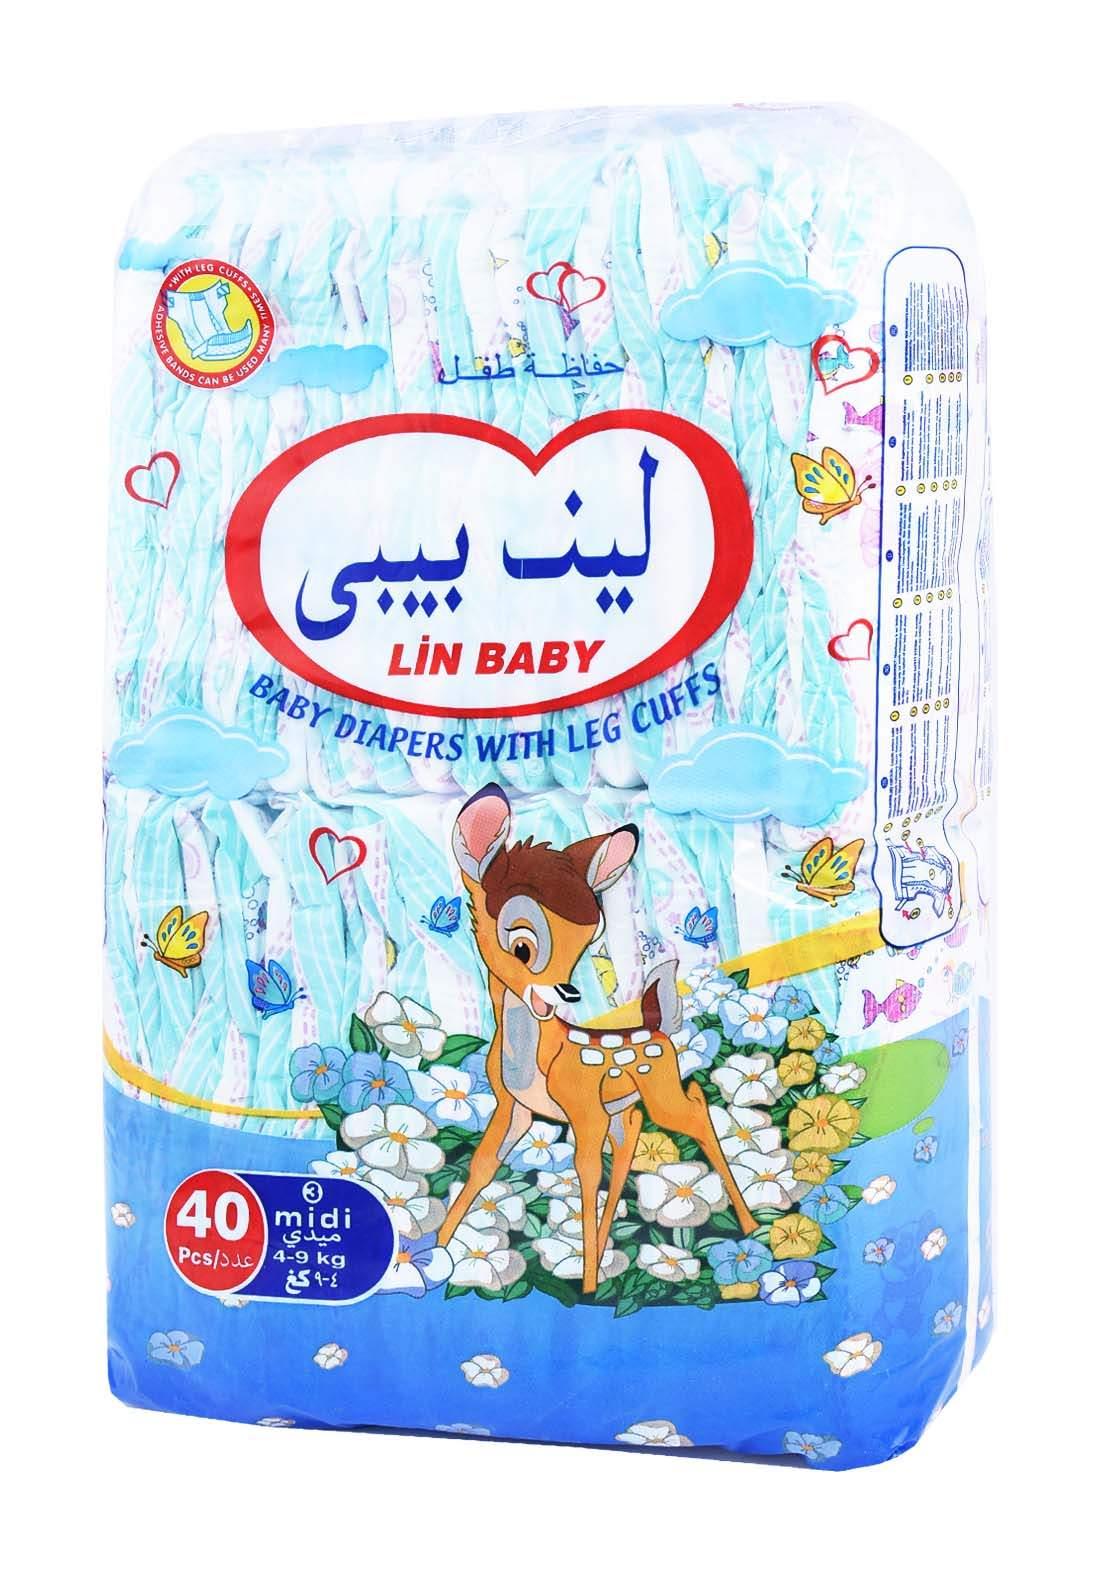 Lin Baby 4-9 kg 40 Pcs حفاضات لين  للاطفال رقم 3 عادي